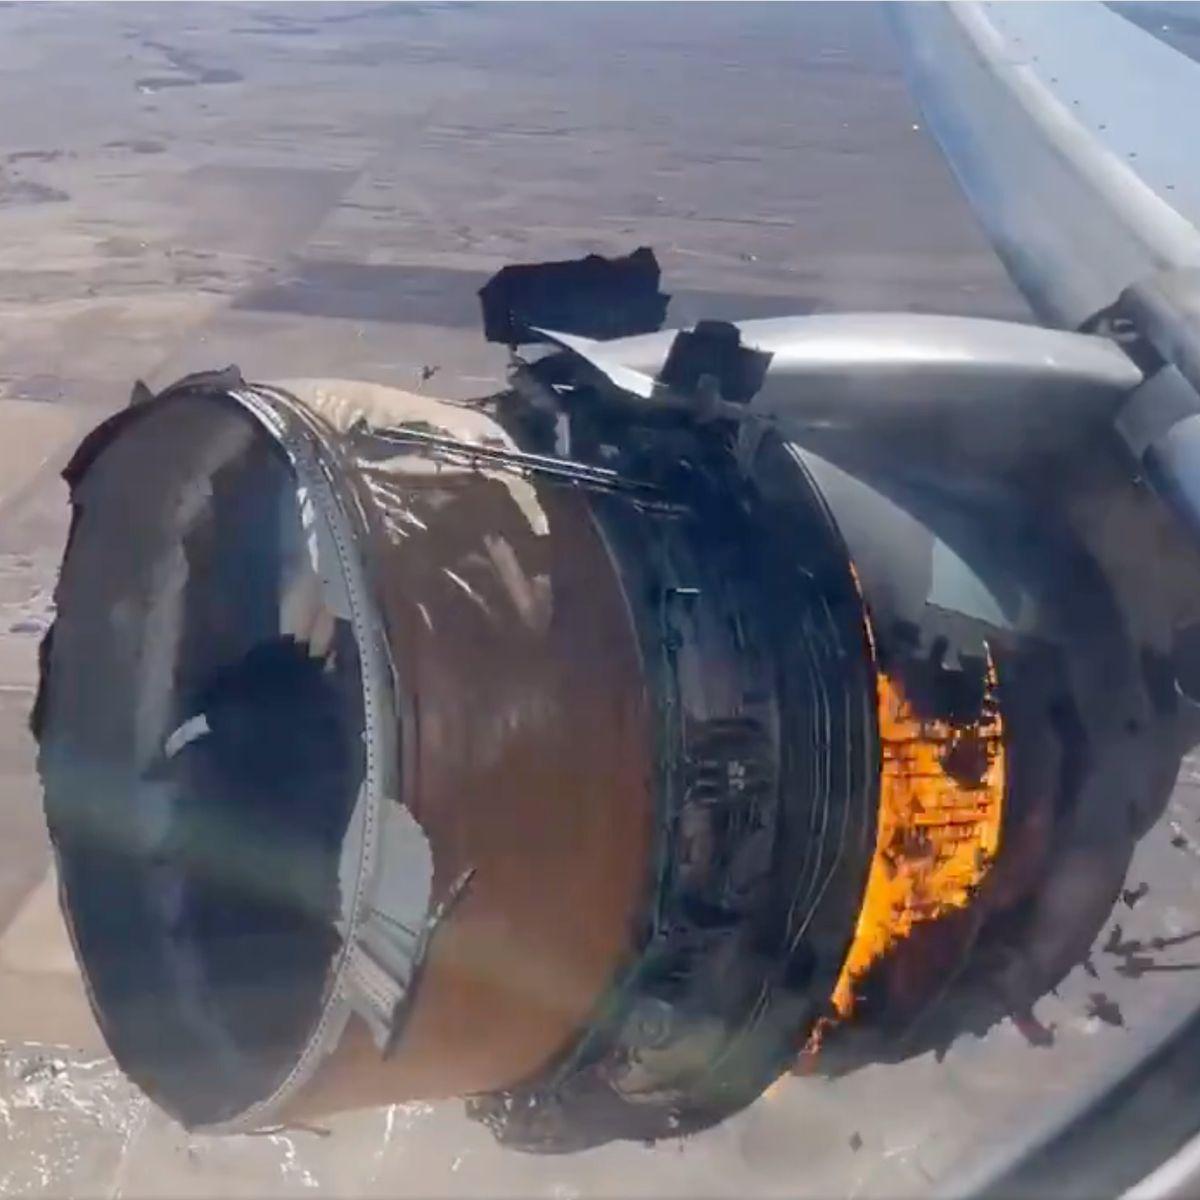 发动机爆炸部件散落一地,美国大型客机紧急迫降,高层下令彻查